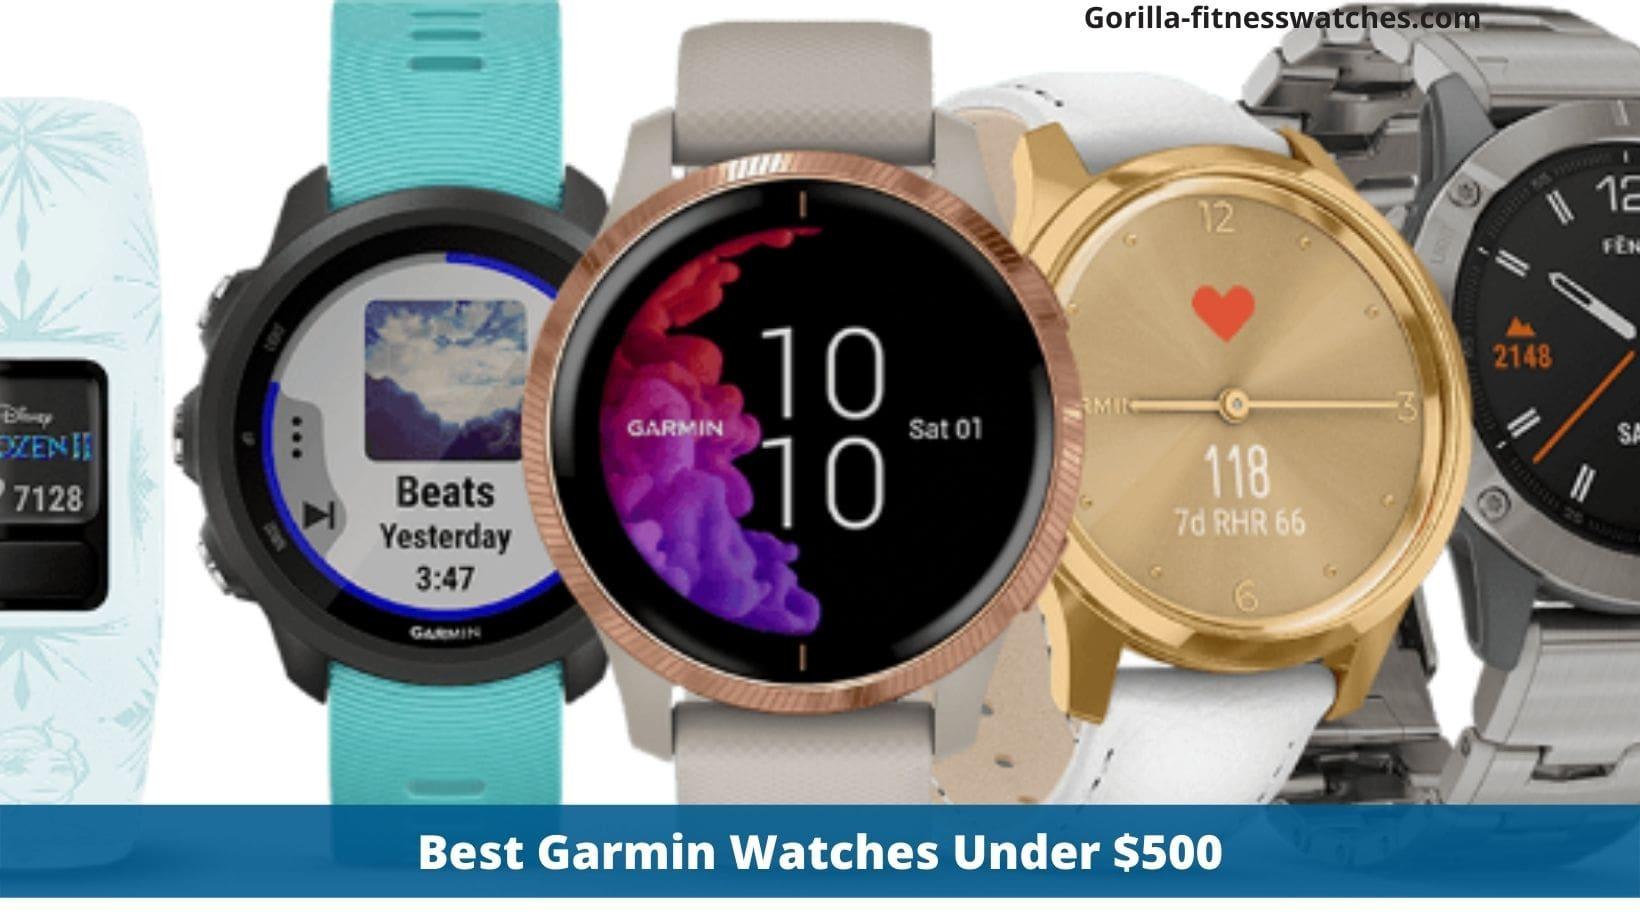 Best Garmin Watches Under $500